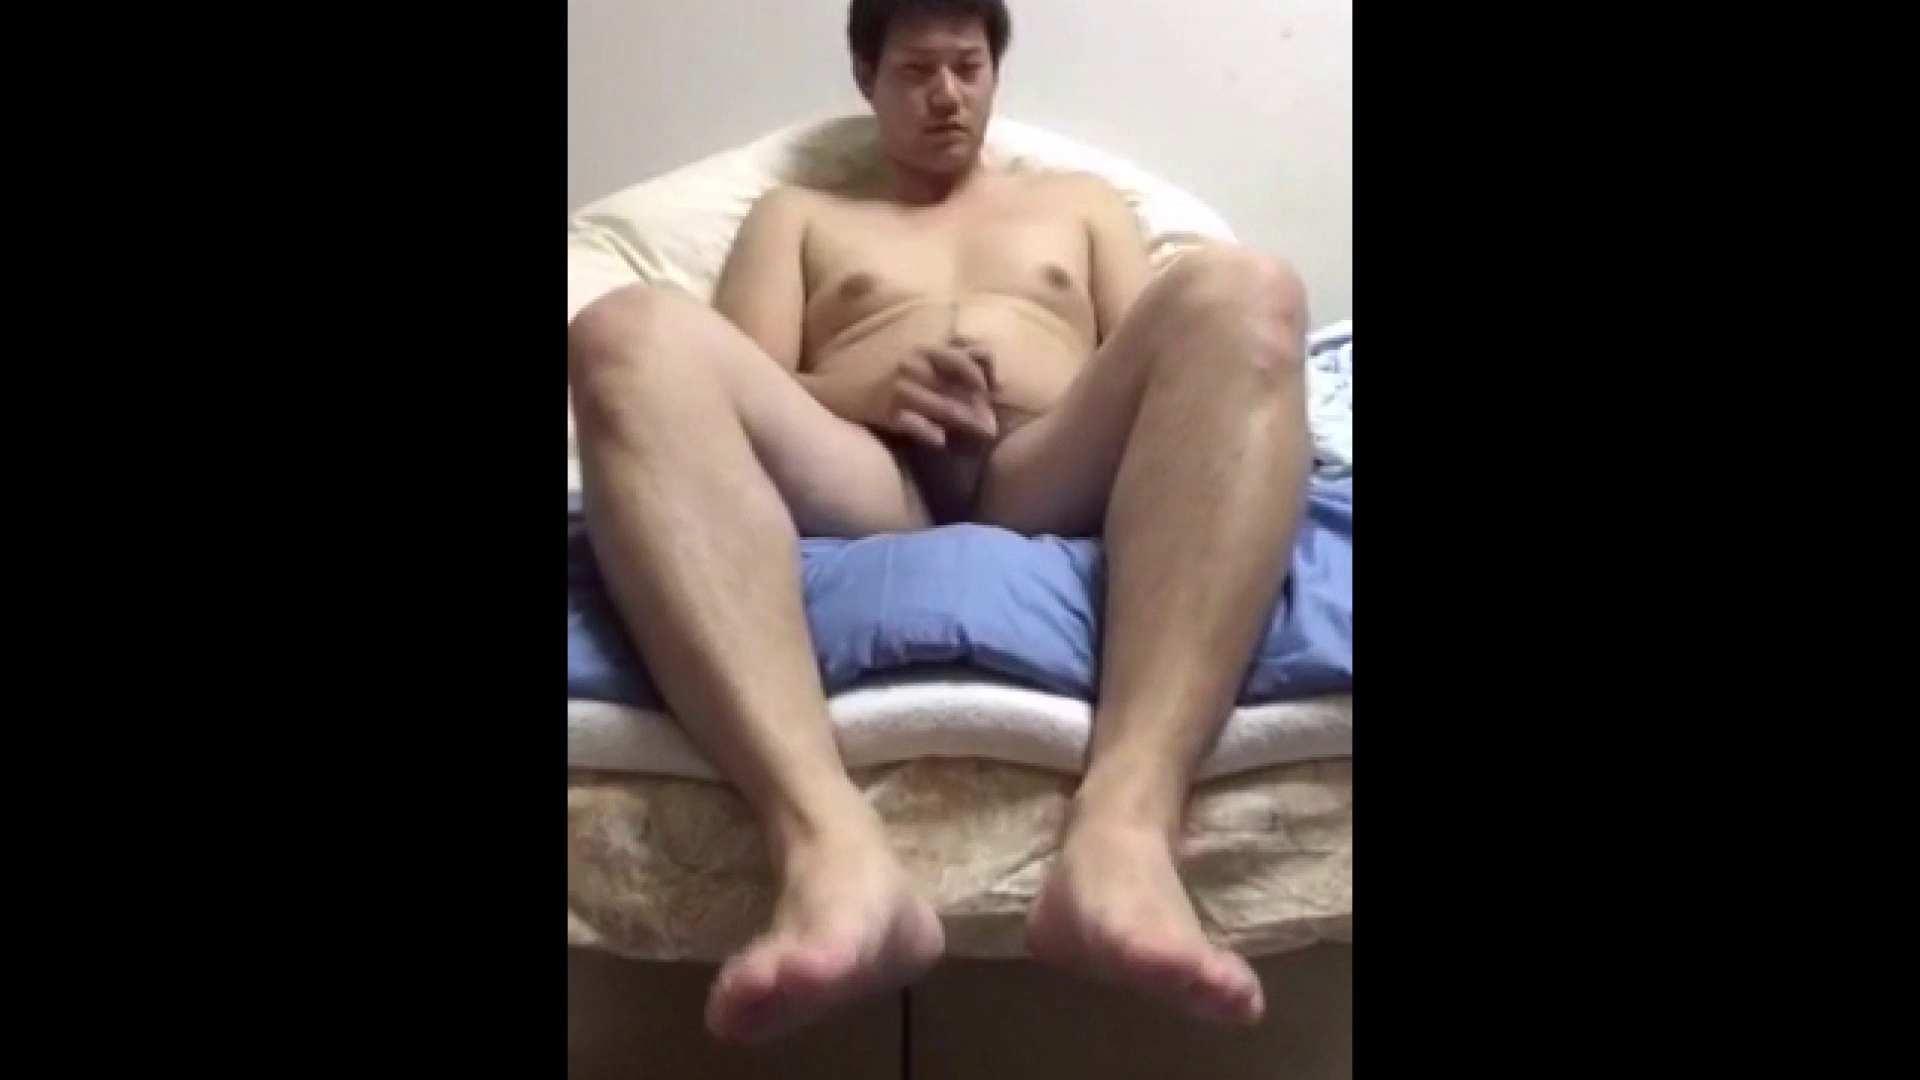 個人撮影 自慰の極意 Vol.18 ゲイの自慰 ゲイ無修正動画画像 52pic 10